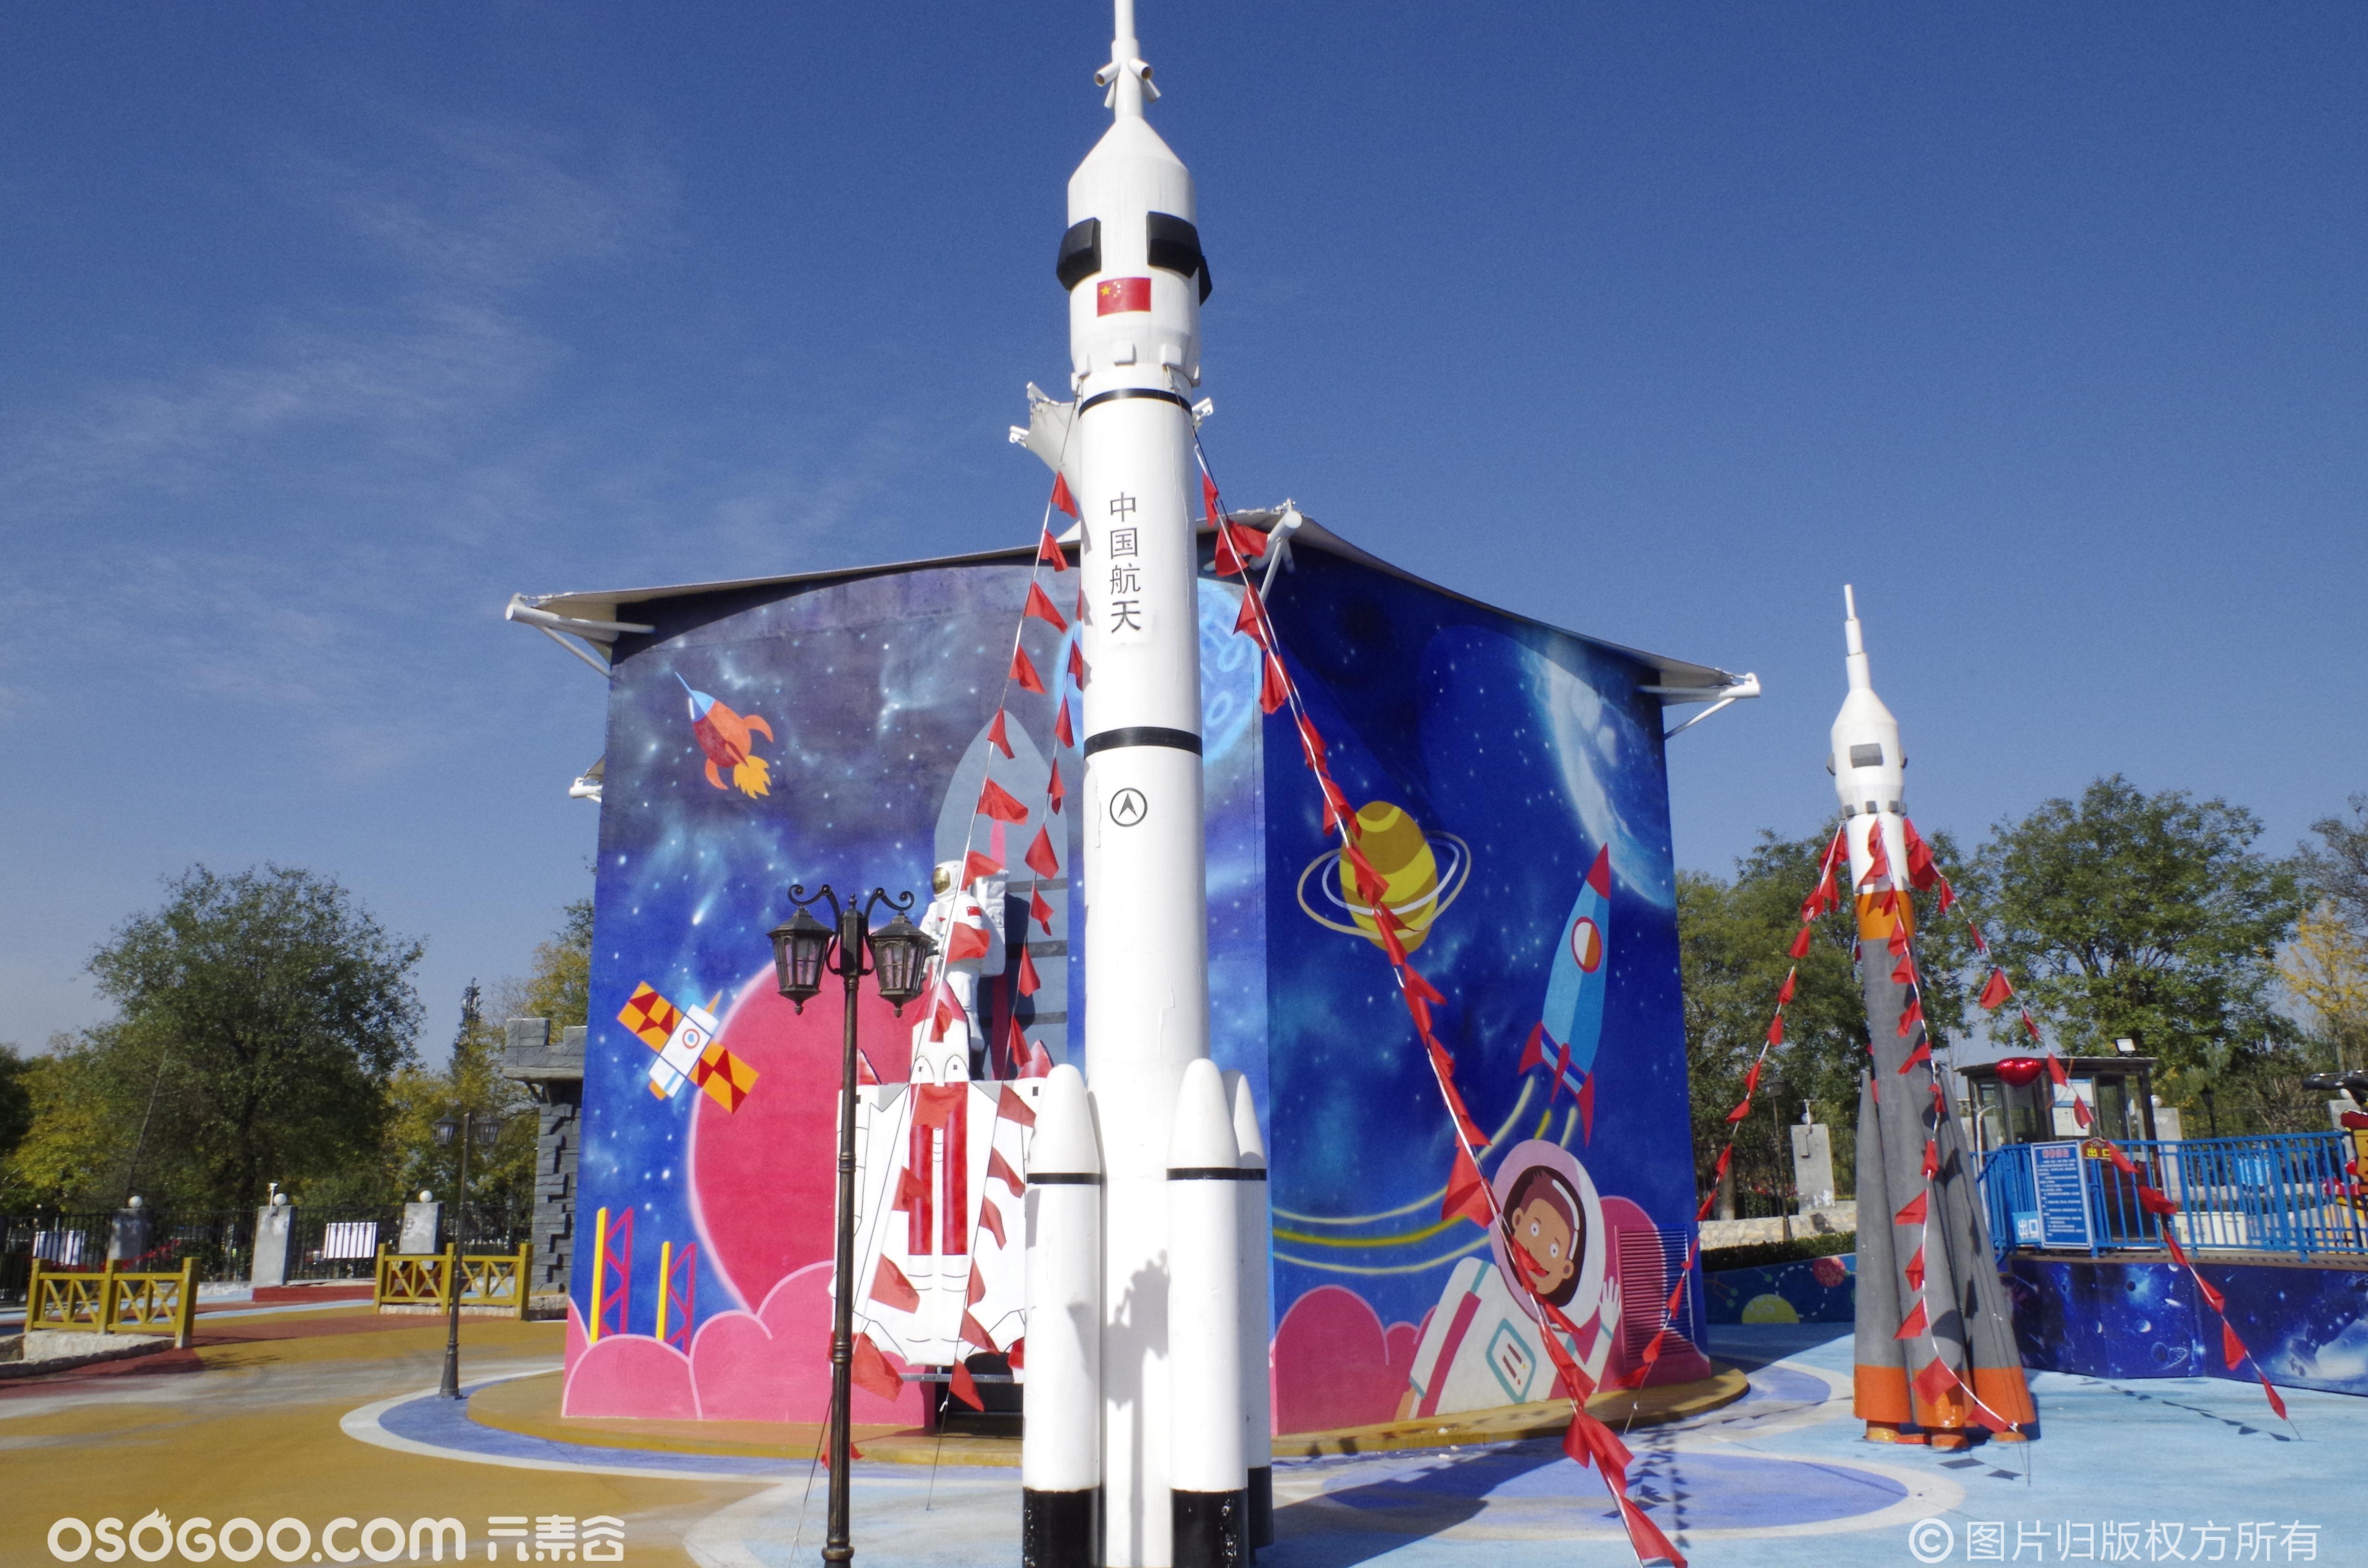 三维太空环、太空科技展、火箭飞行器宇航服等道具租赁